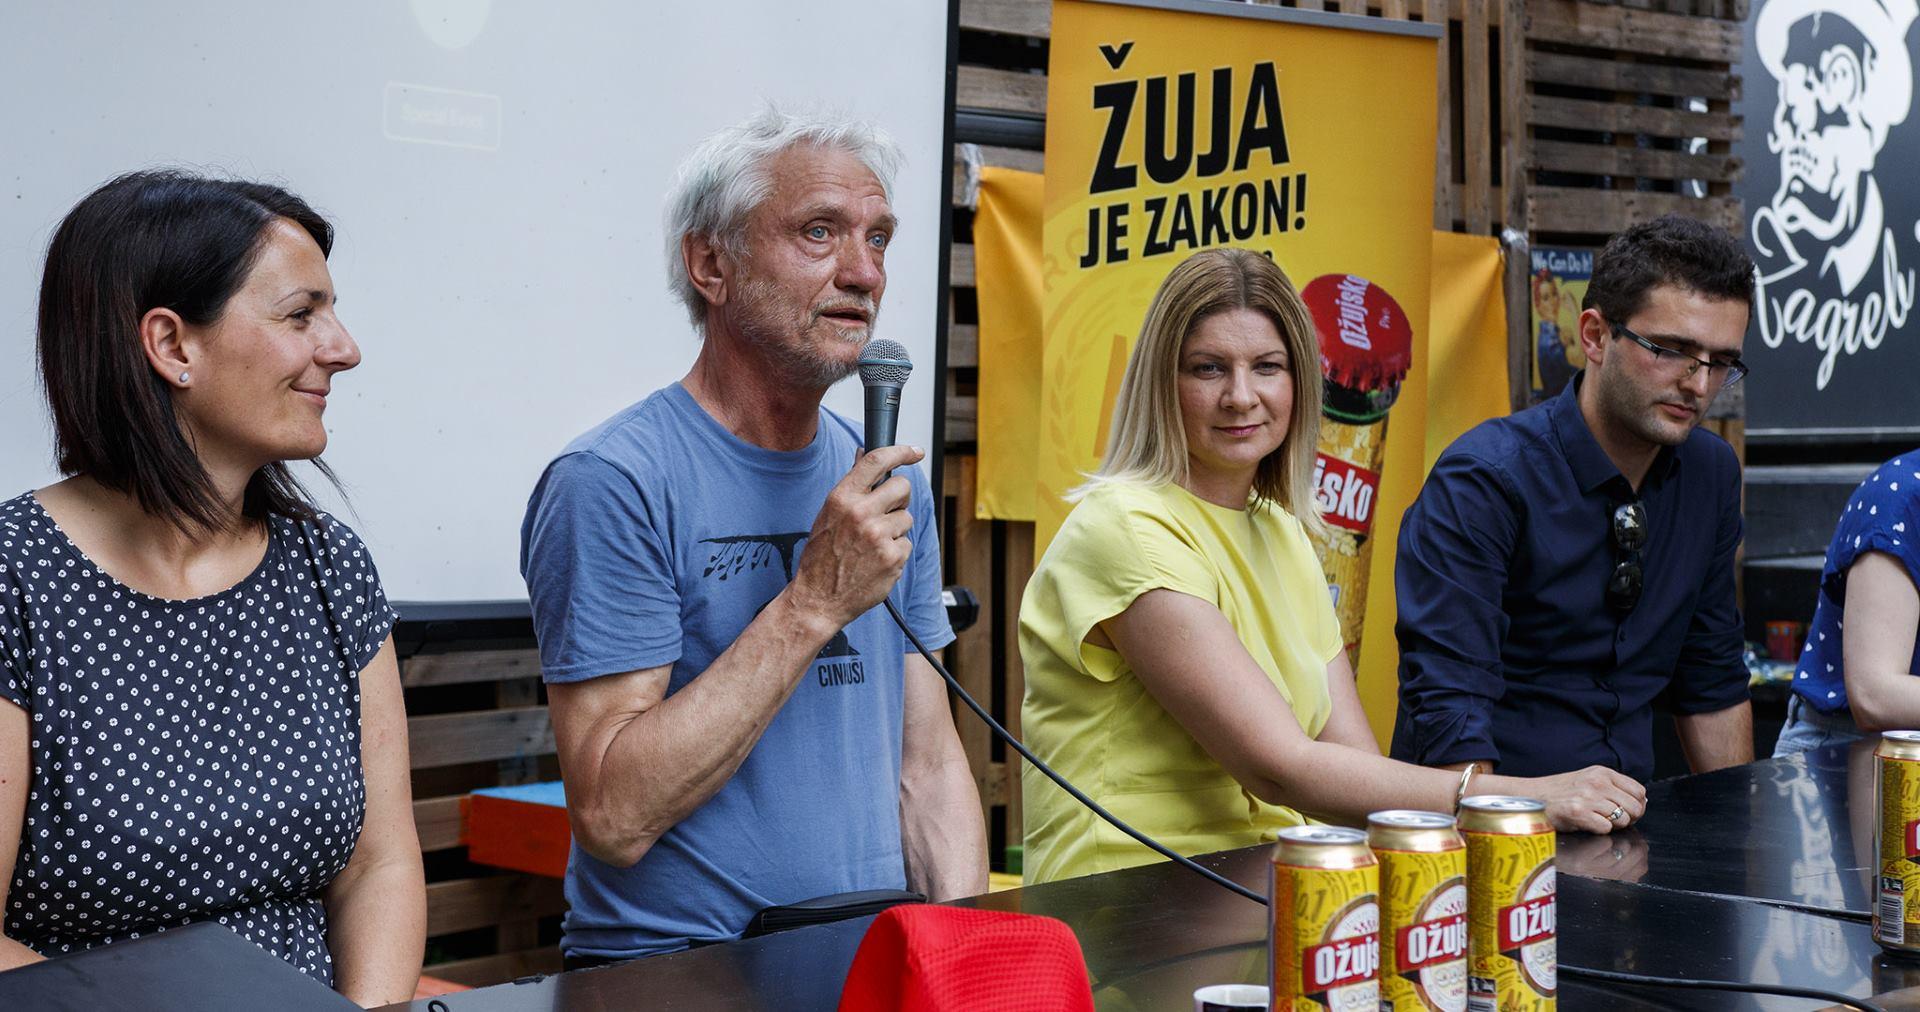 FERRAGOSTO JAM Stižu veliki Darko Rundek i riječki 'Let 3'